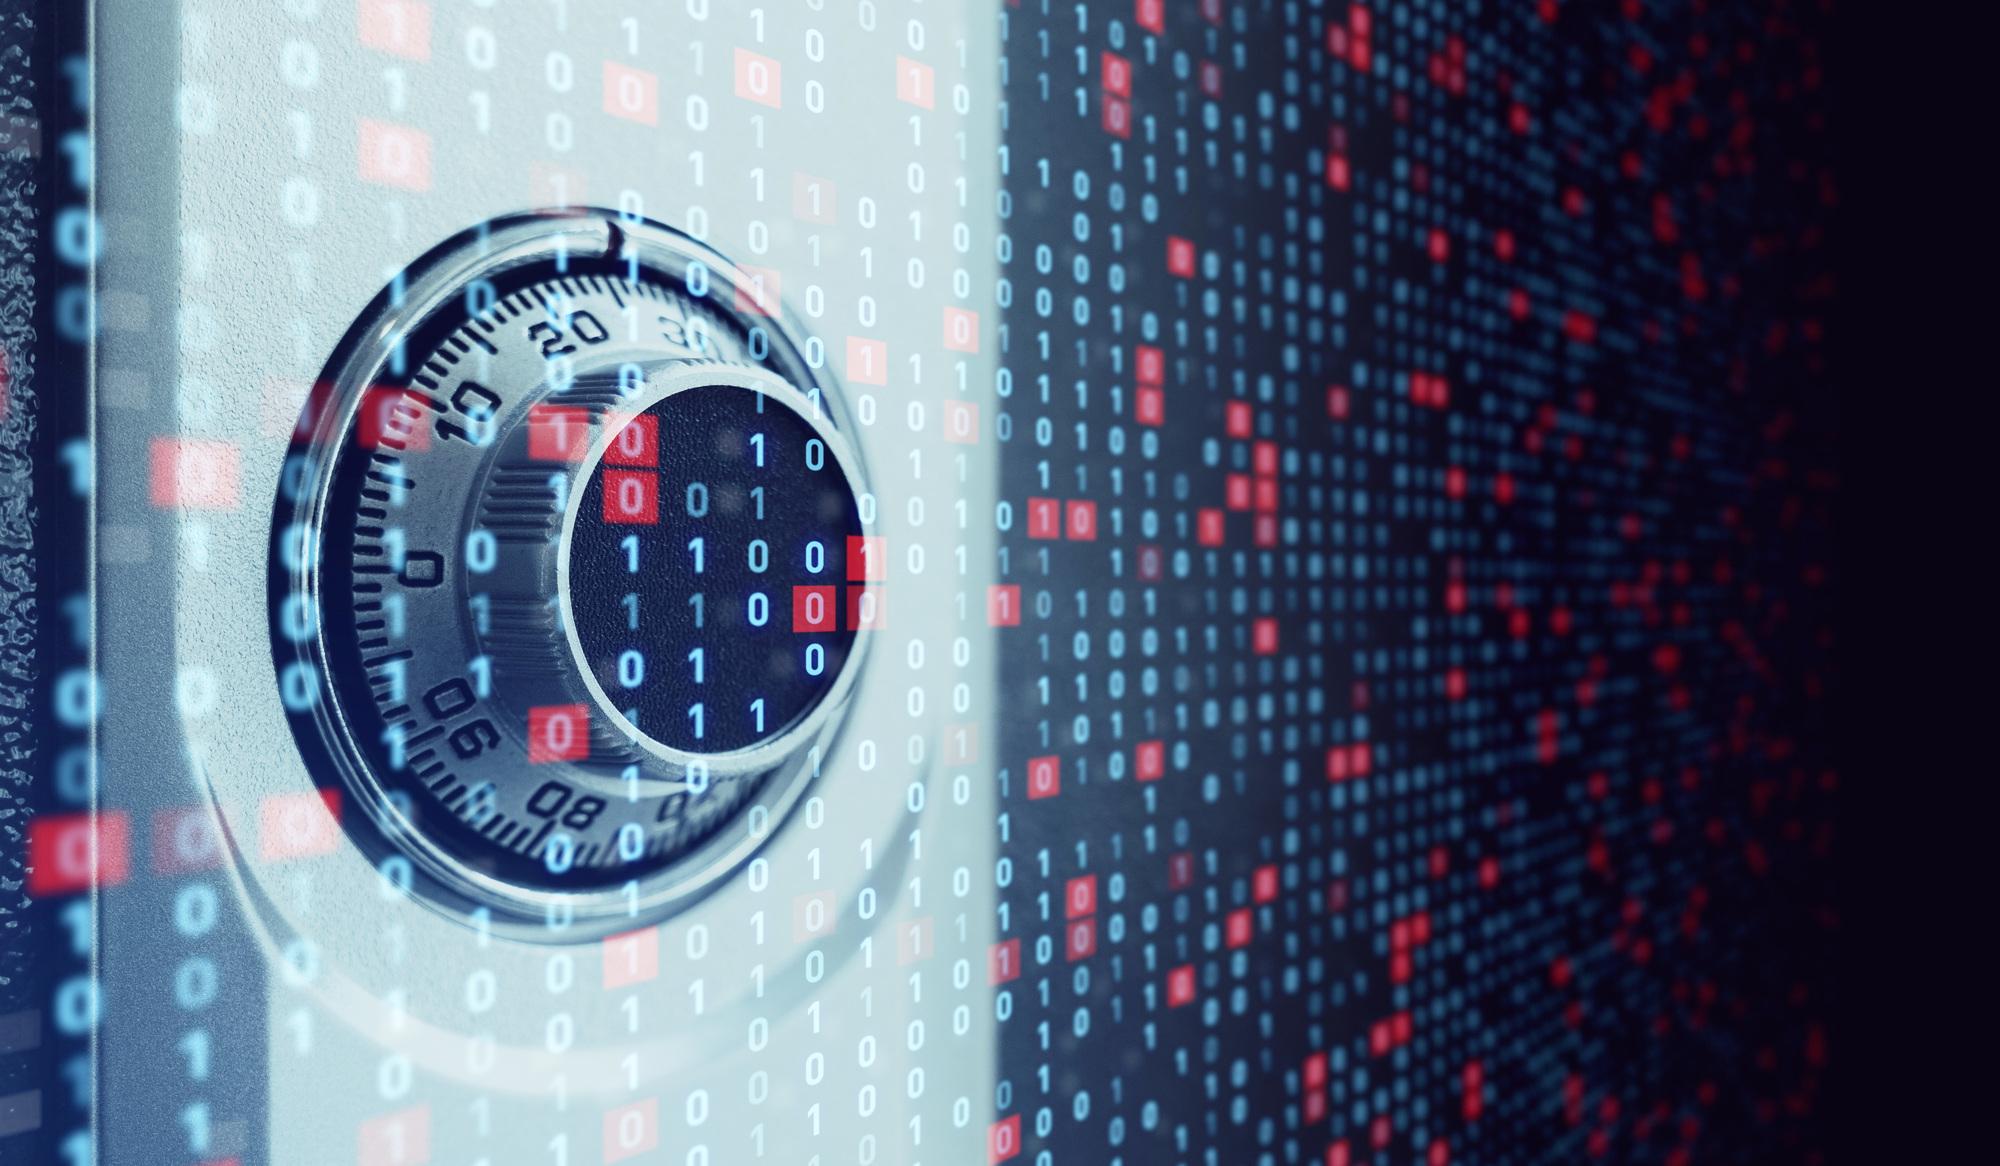 暗号化の仕組みであるTLSって何?SSLとの違いをご紹介